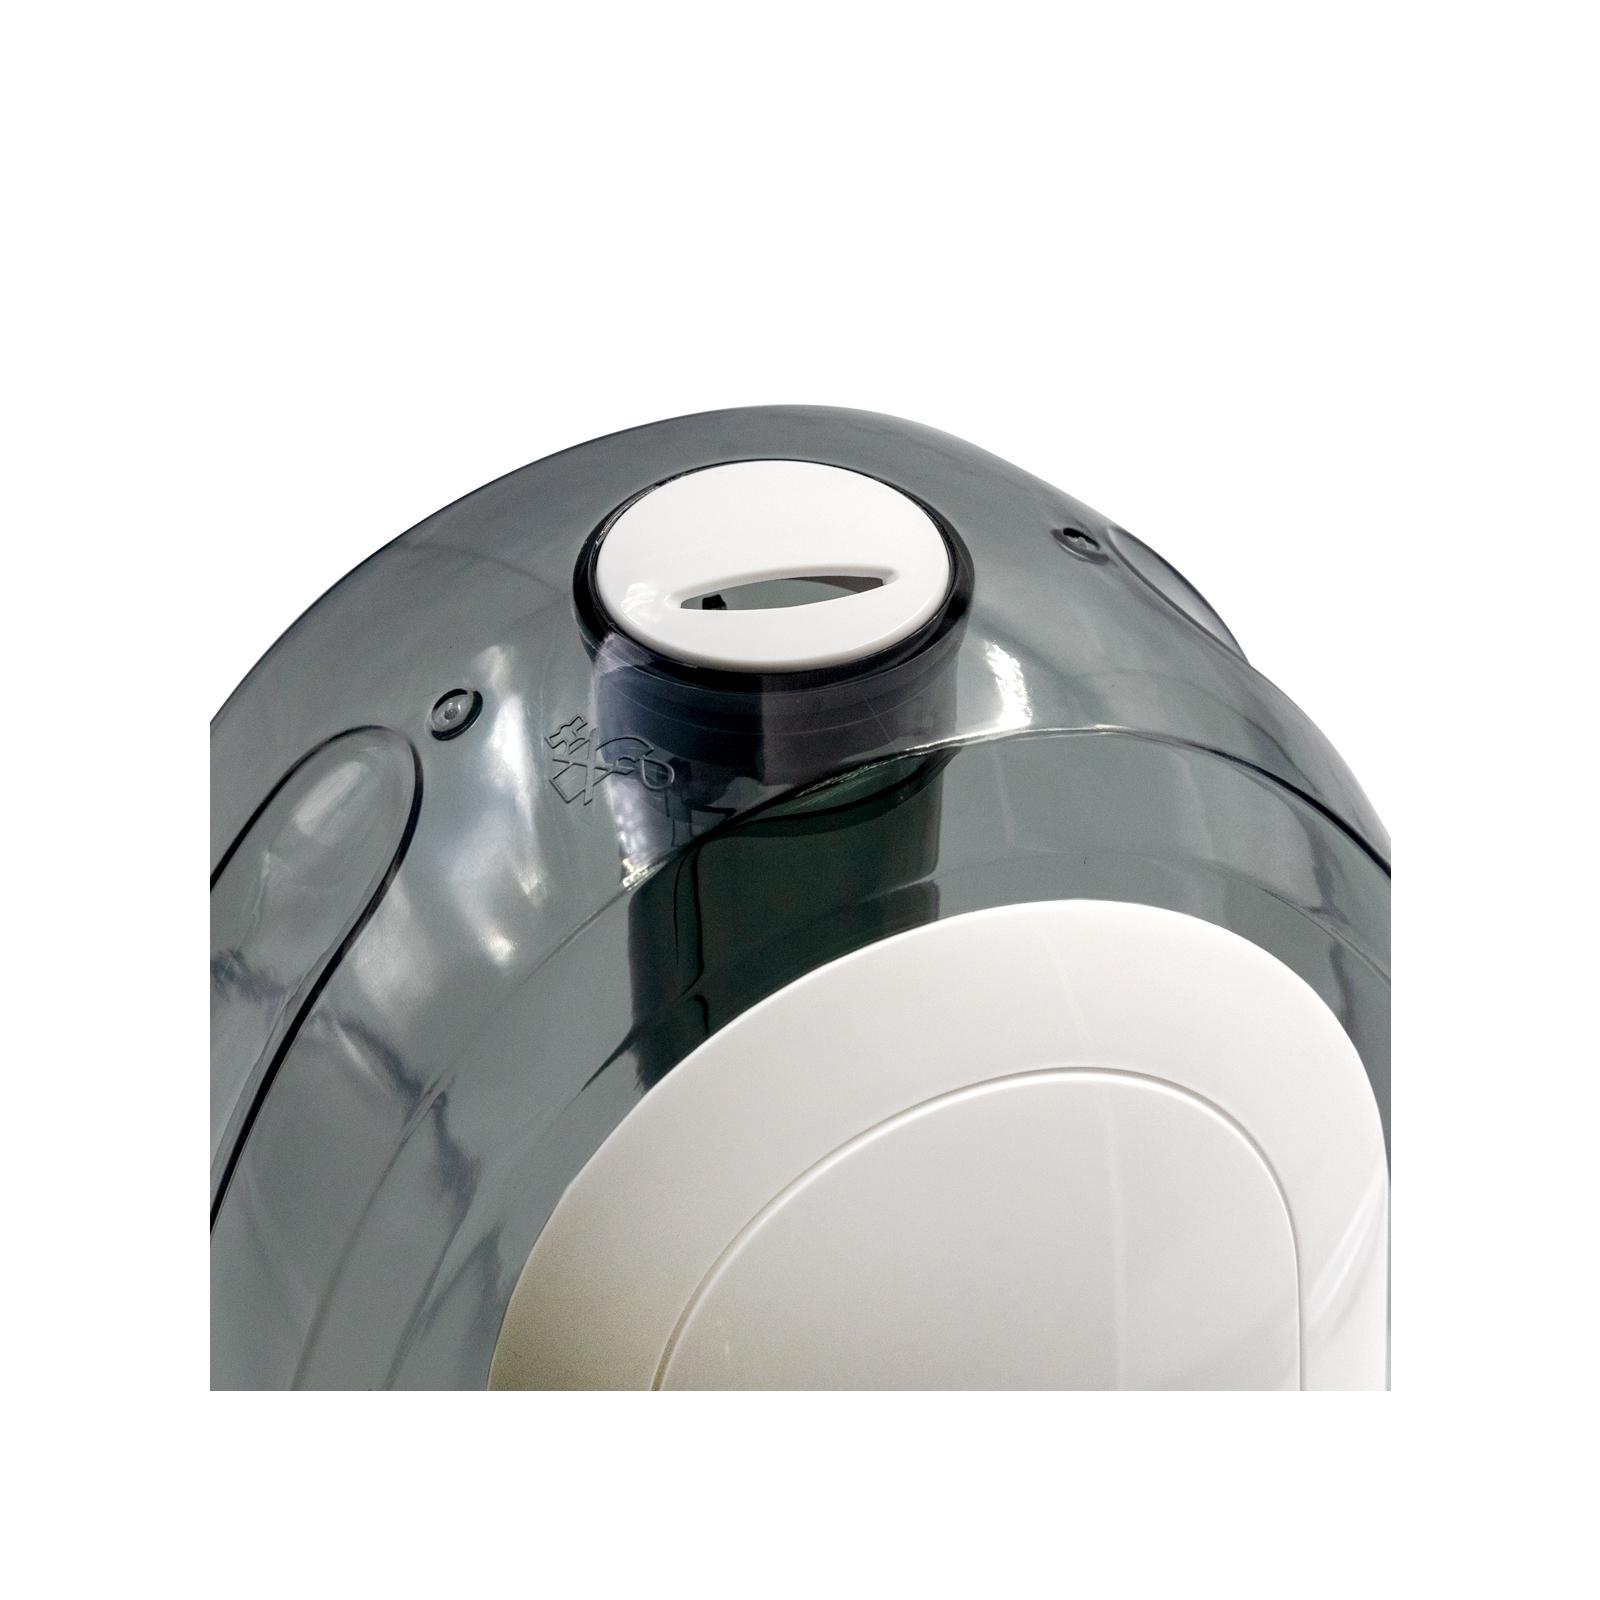 Увлажнитель воздуха Rotex RHF520-W изображение 5